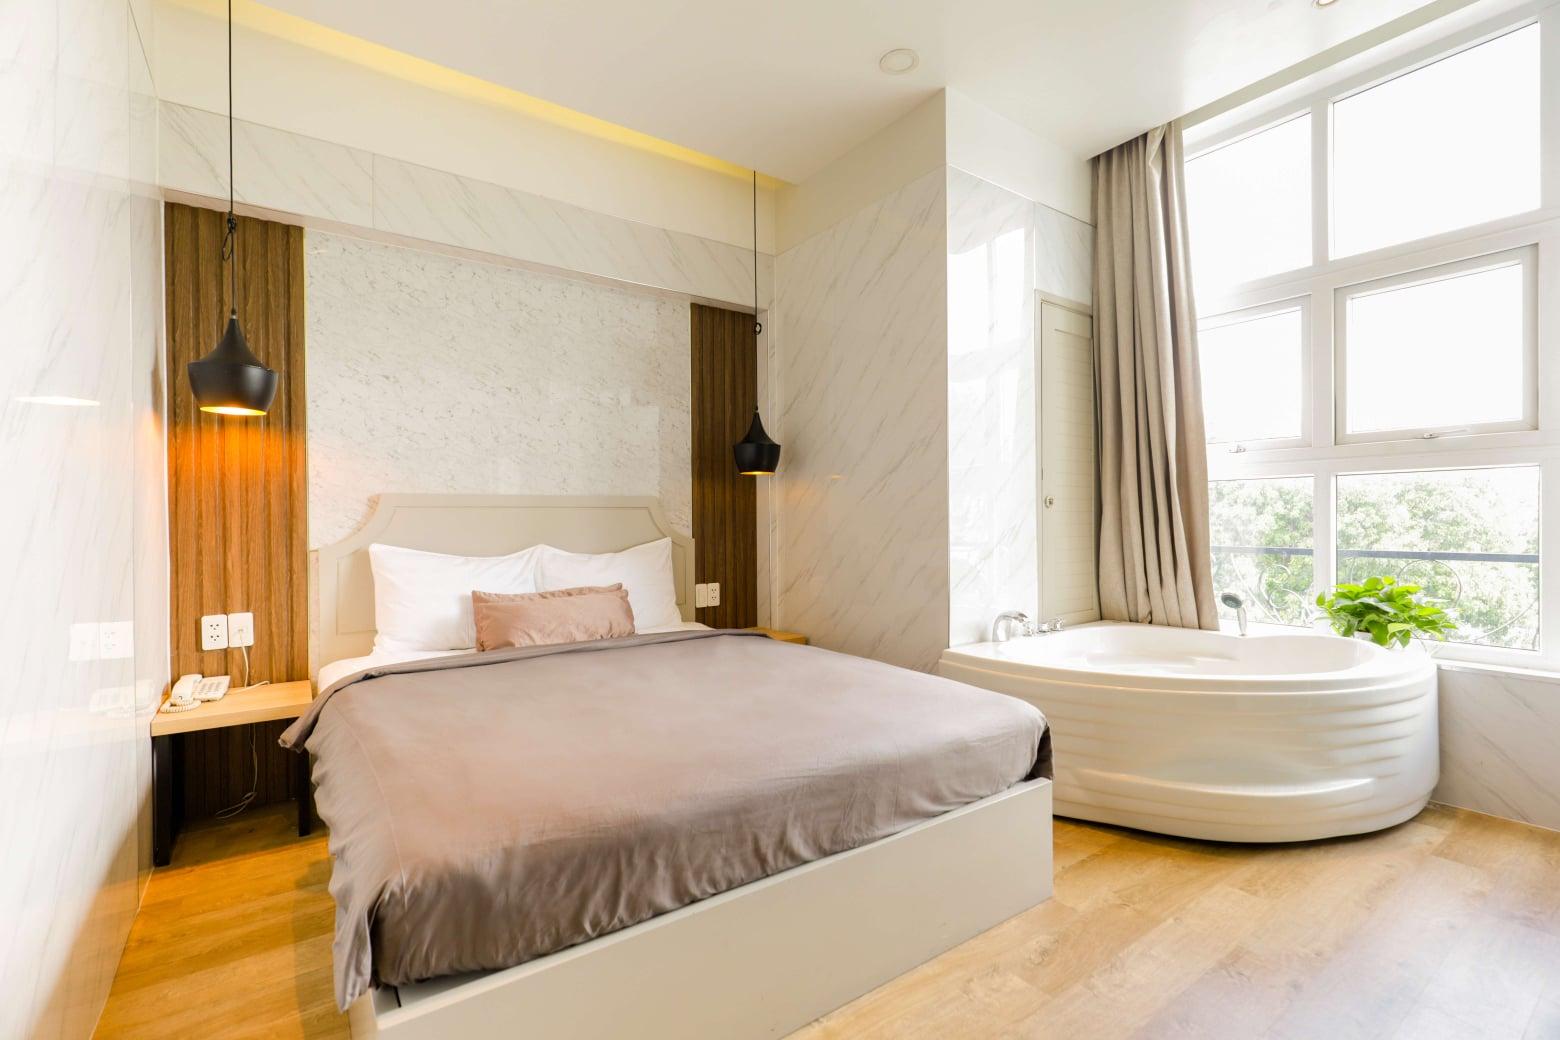 la-hotel-khach-san-xanh-o-quan-10